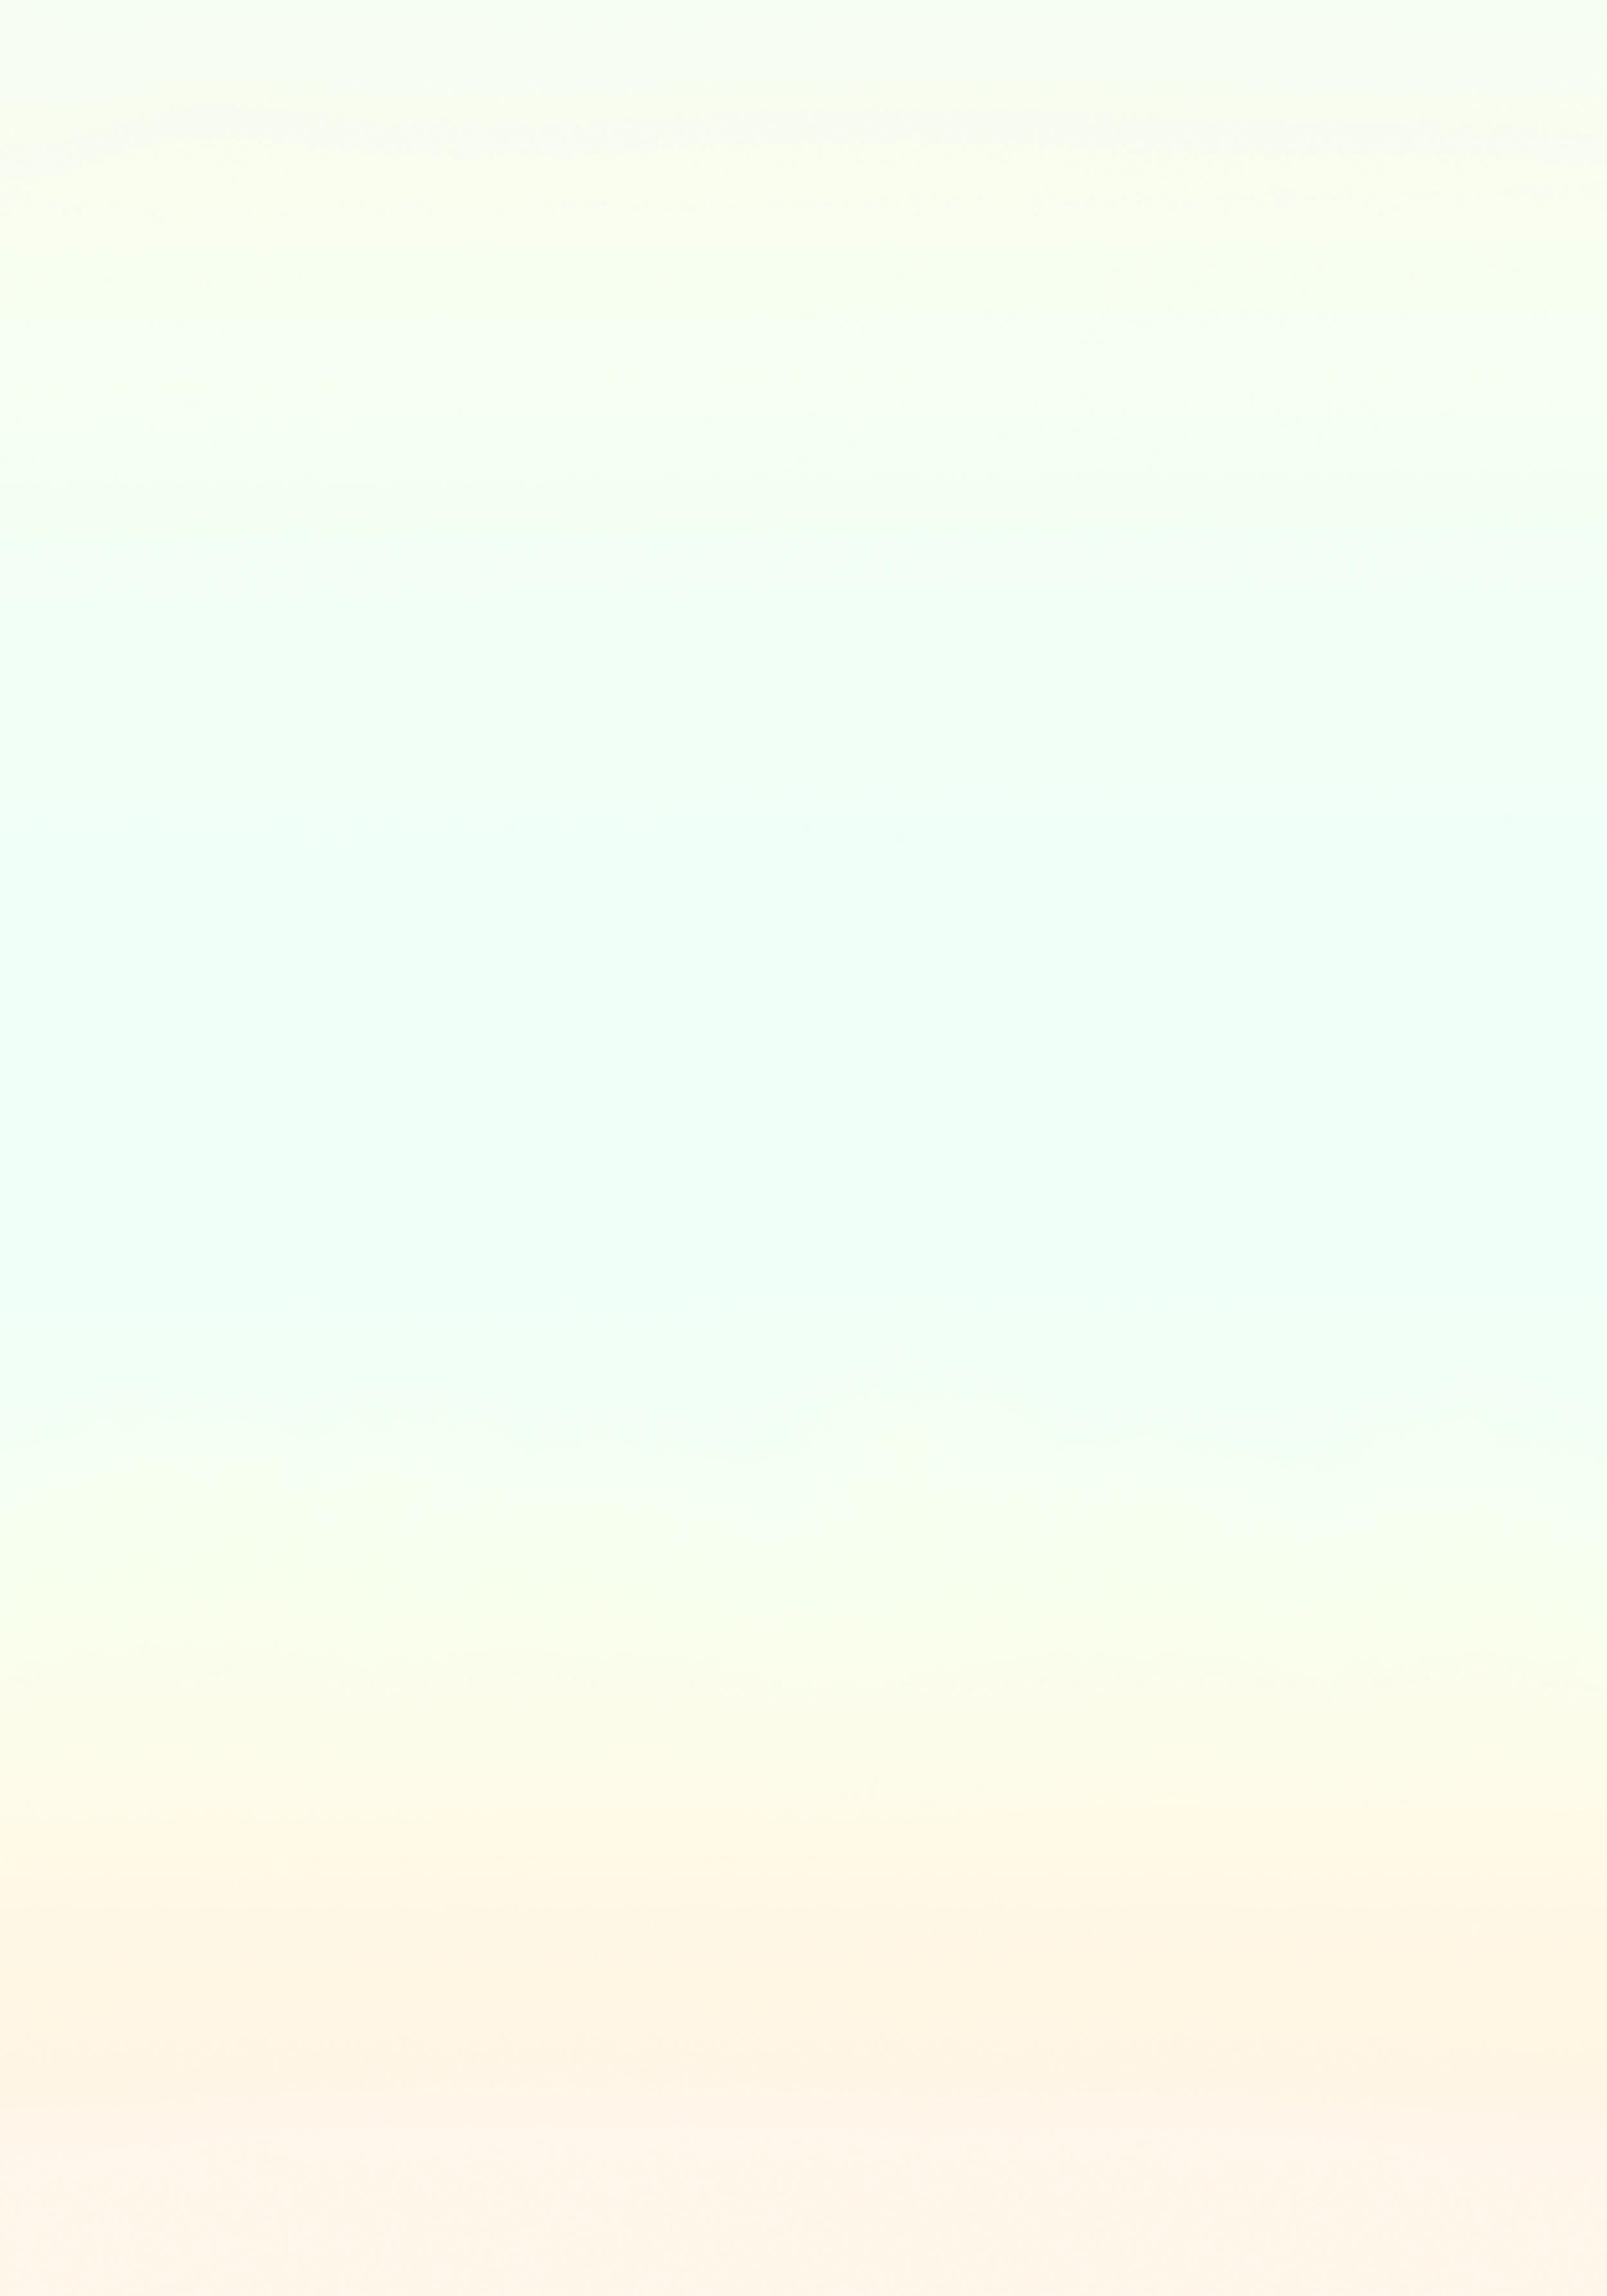 10V_Degrade-REC-monticule-PH.jpg